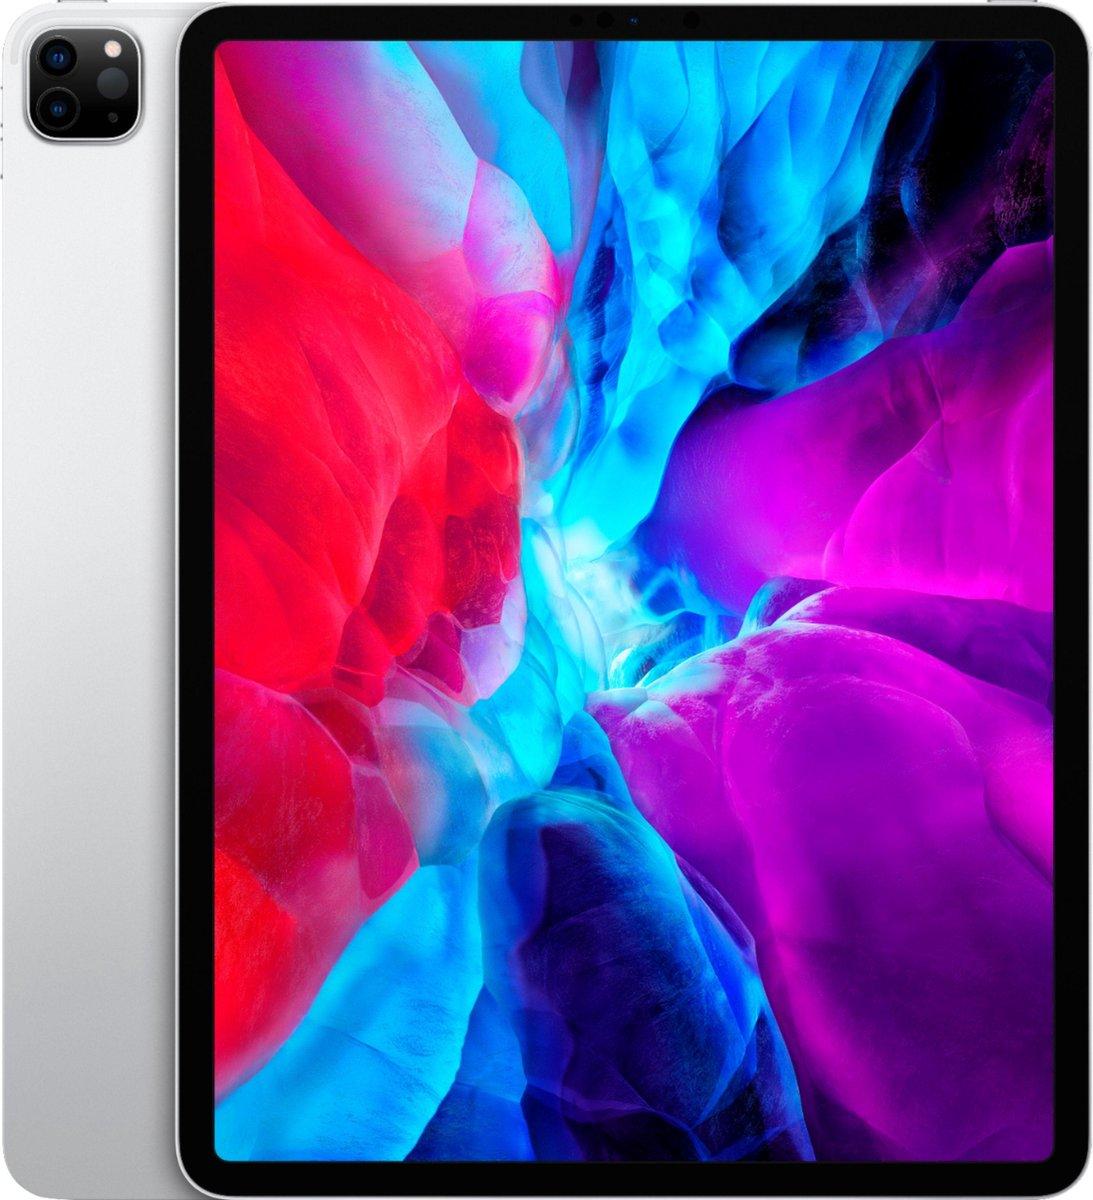 Apple iPad Pro 12.9 4e Generatie - Gereviseerd door SUPREME MOBILE - A GRADE - Alleen Wi-Fi - 256 GB - Zilver